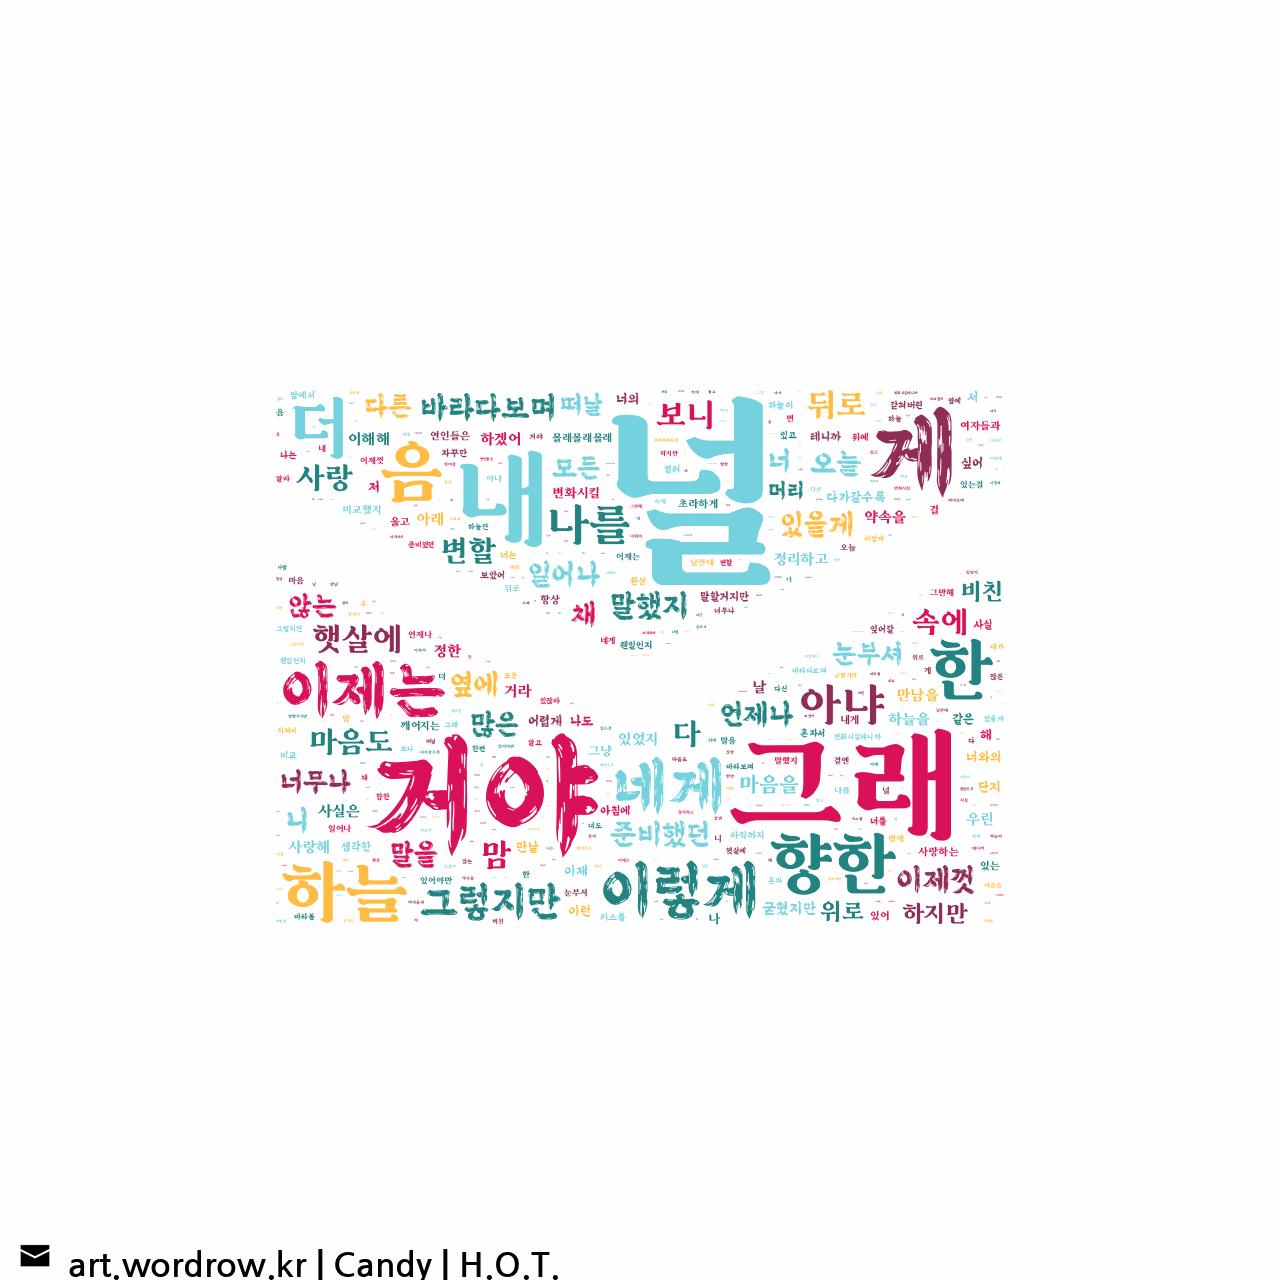 워드 아트: Candy [H.O.T.]-10